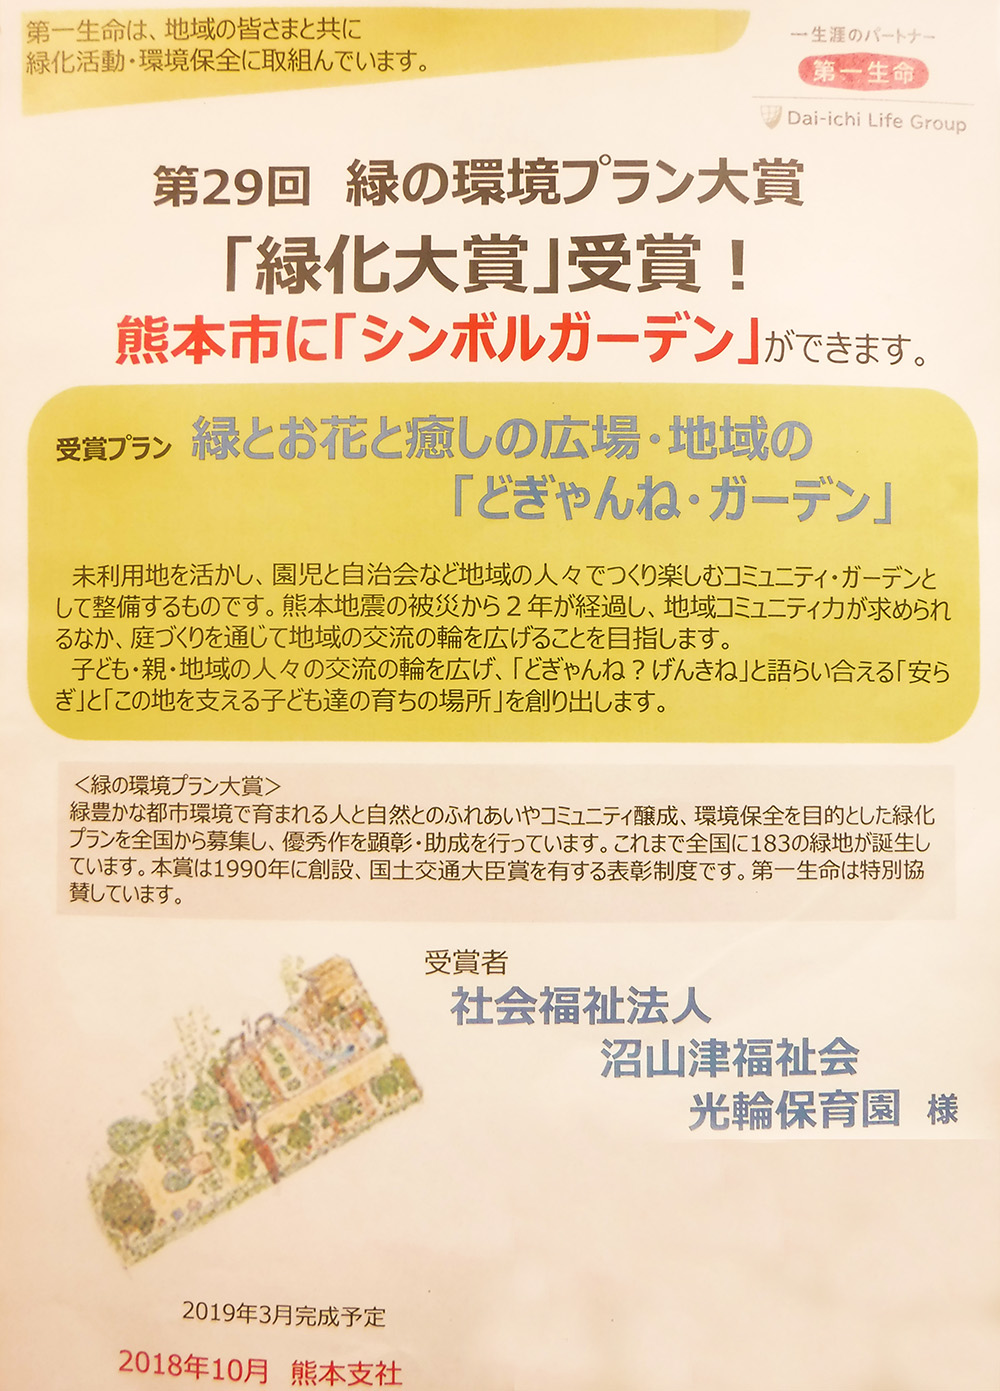 緑化大賞受賞